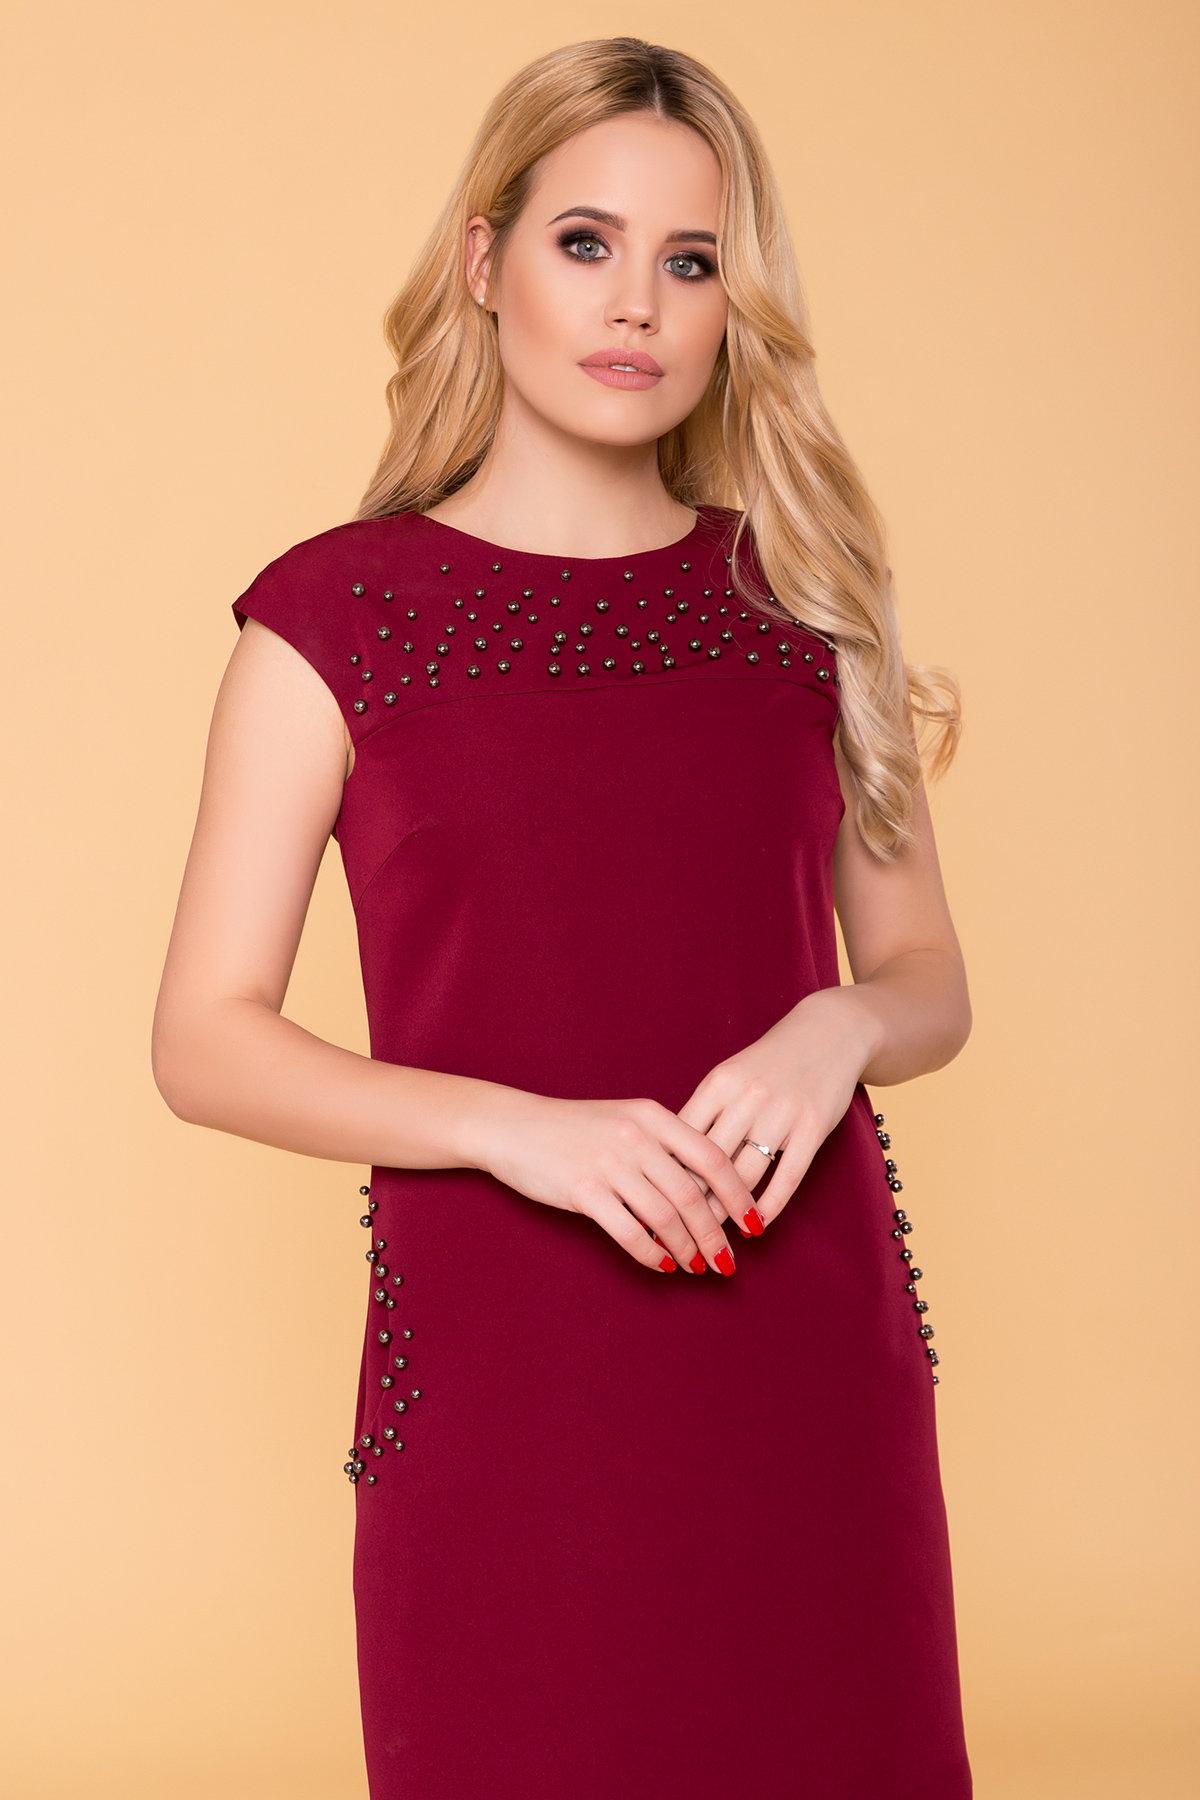 Платье с коротким рукавом Мими 4886 АРТ. 41436 Цвет: Марсала - фото 3, интернет магазин tm-modus.ru